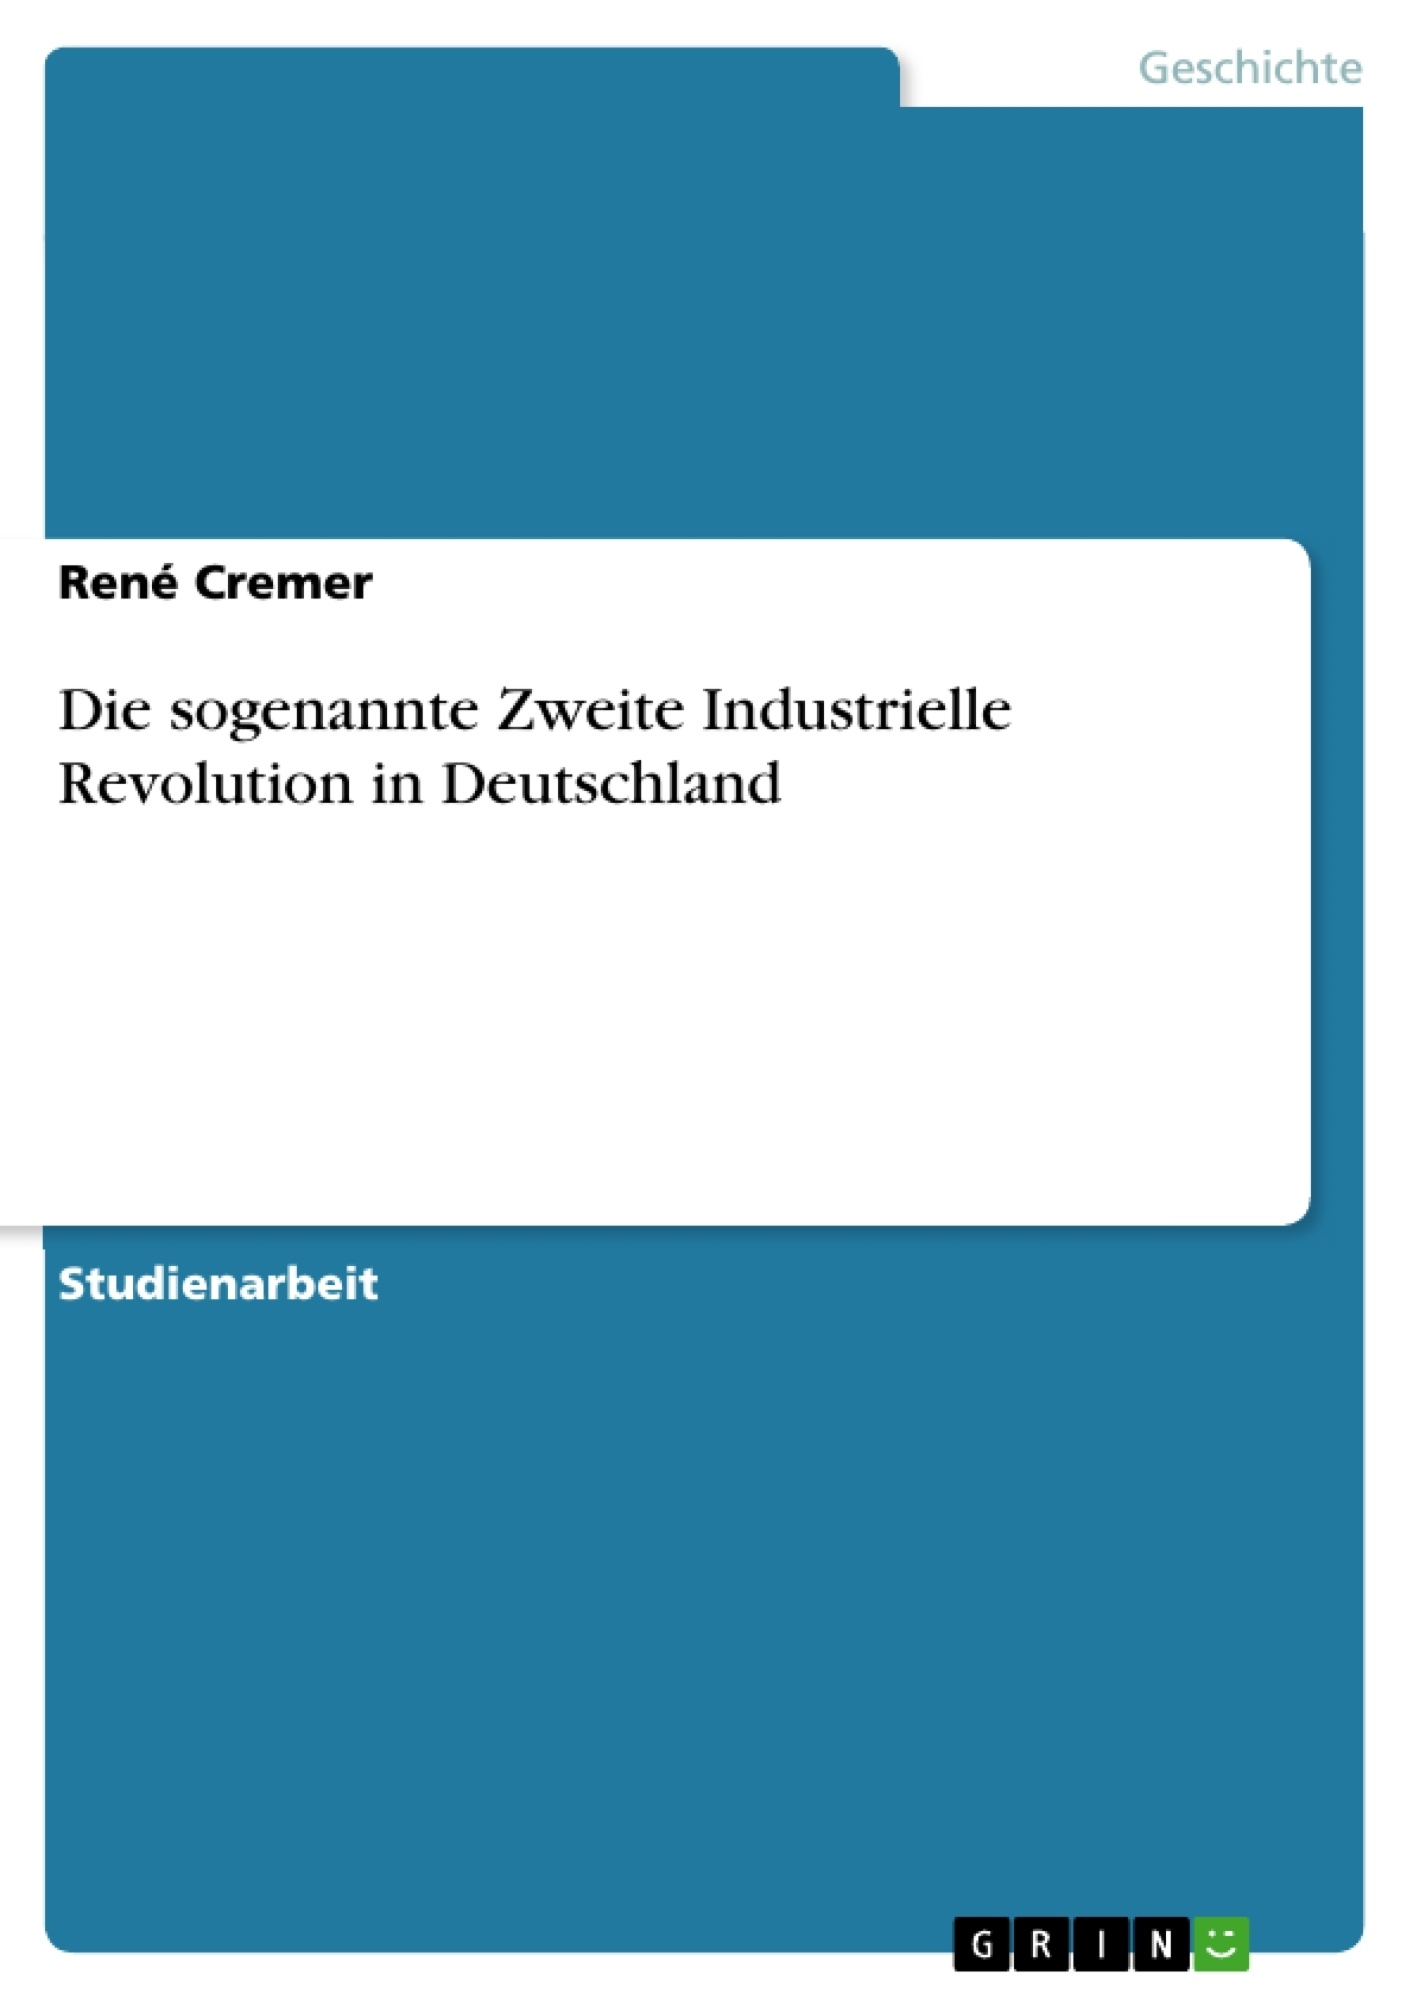 Titel: Die sogenannte Zweite Industrielle Revolution in Deutschland